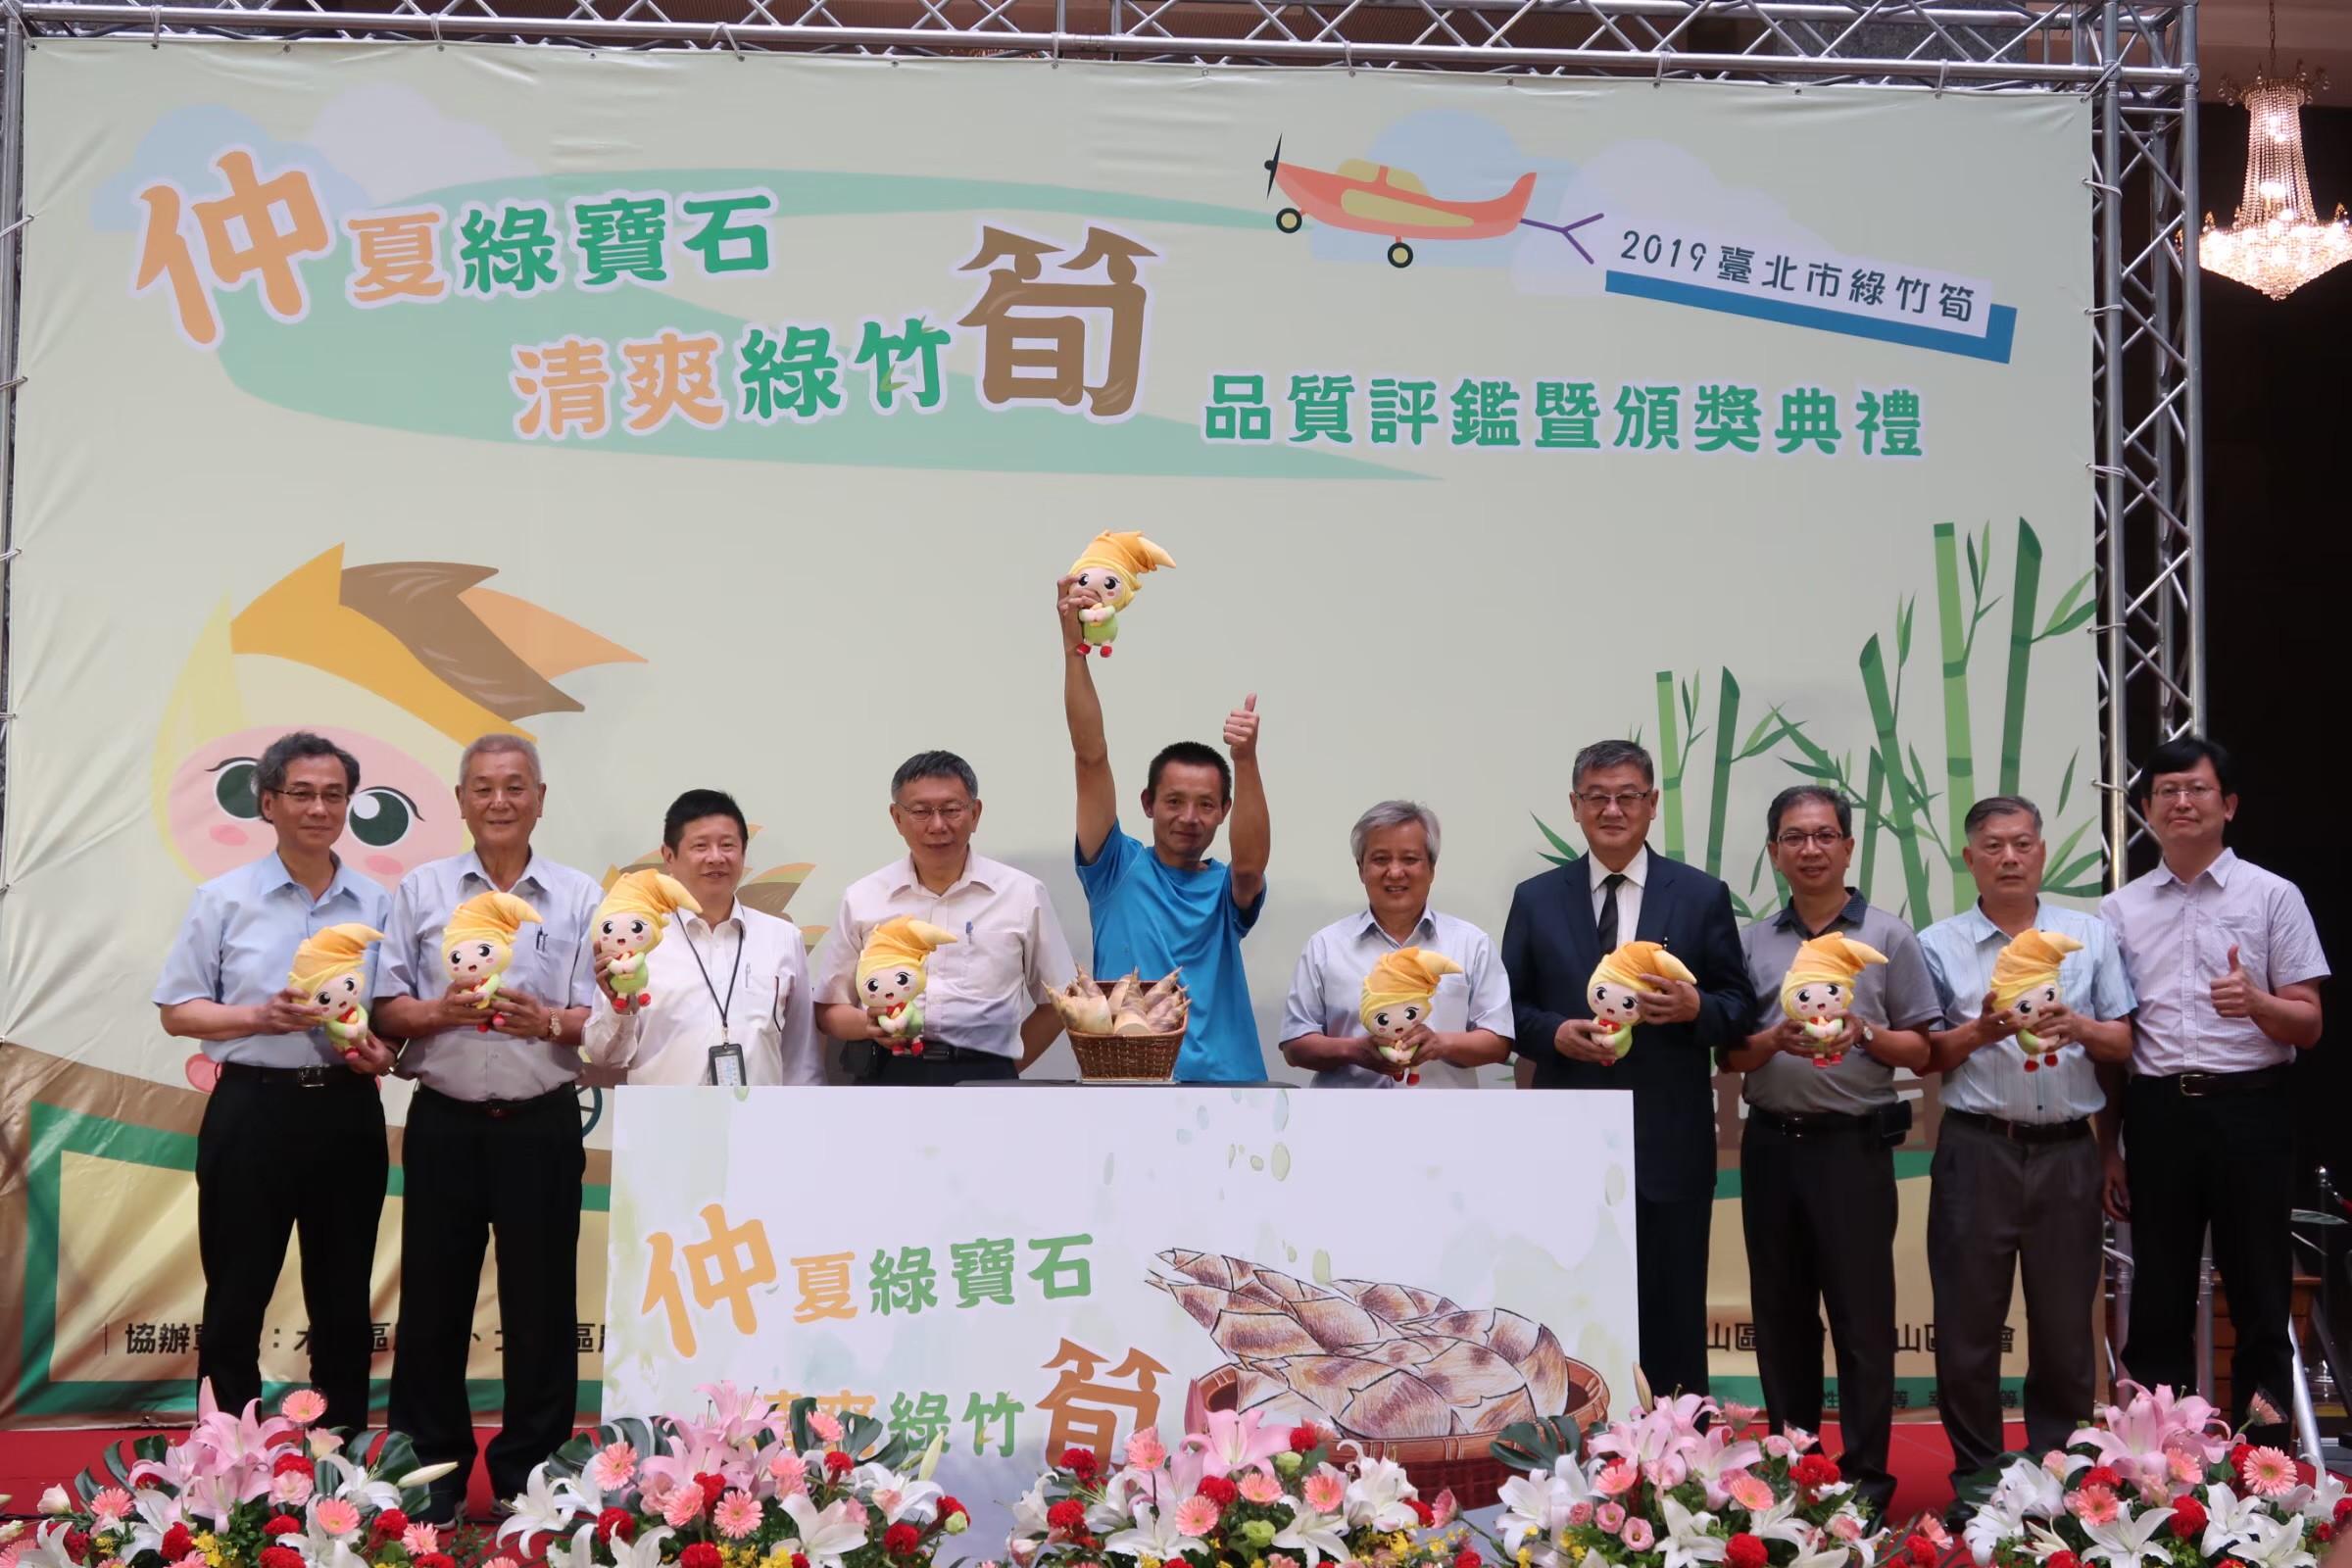 圖/本年度夏季綠竹筍比賽